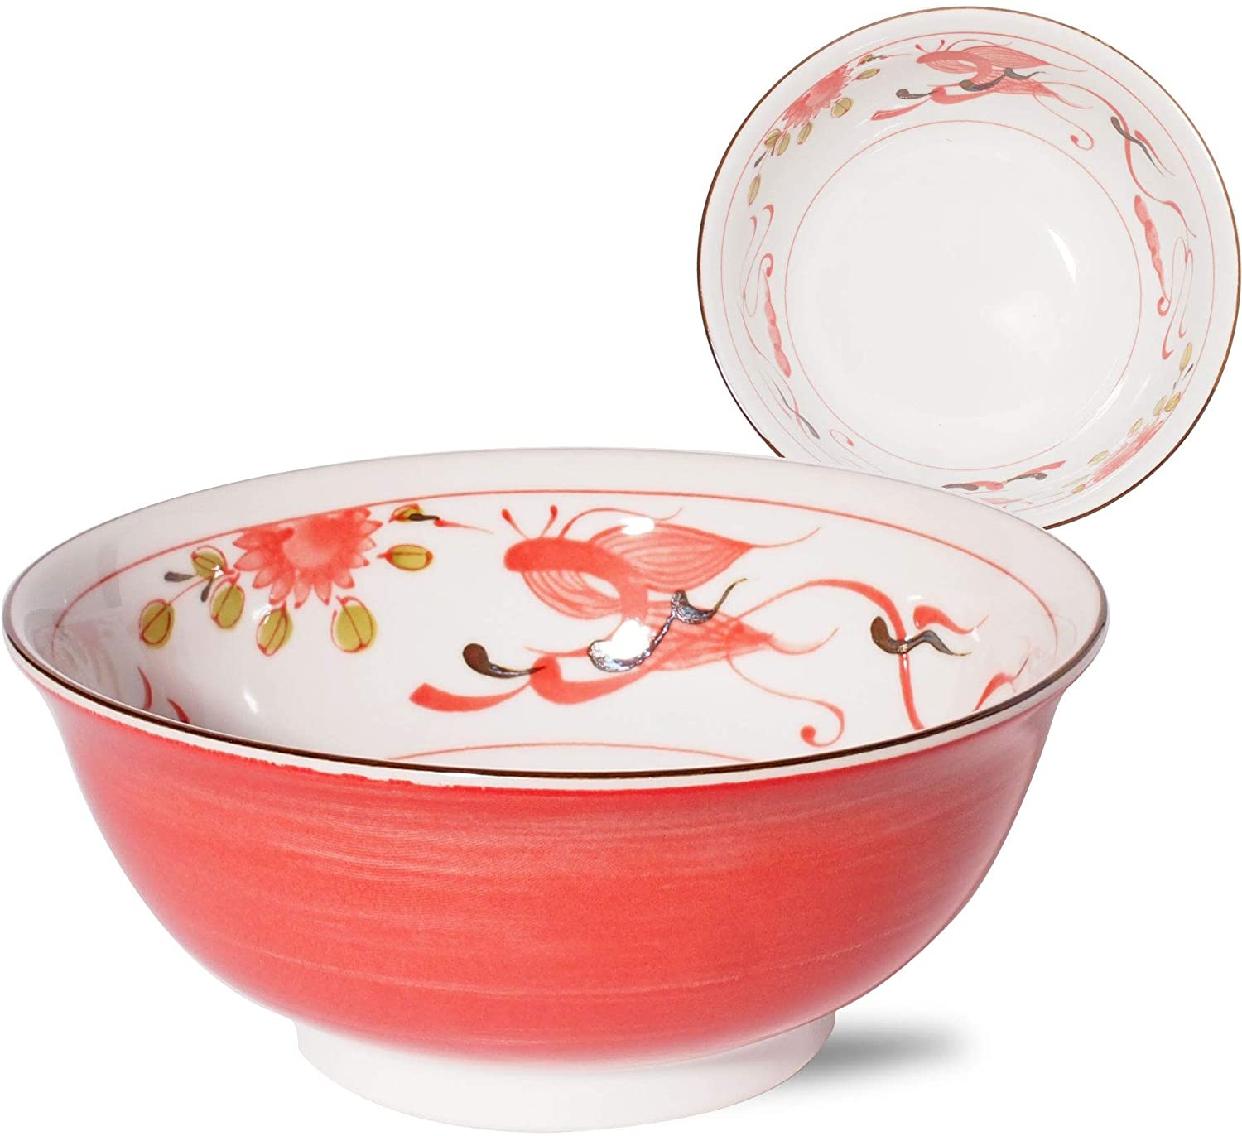 みのる陶器 赤巻ラーメン丼 6.3寸の商品画像2